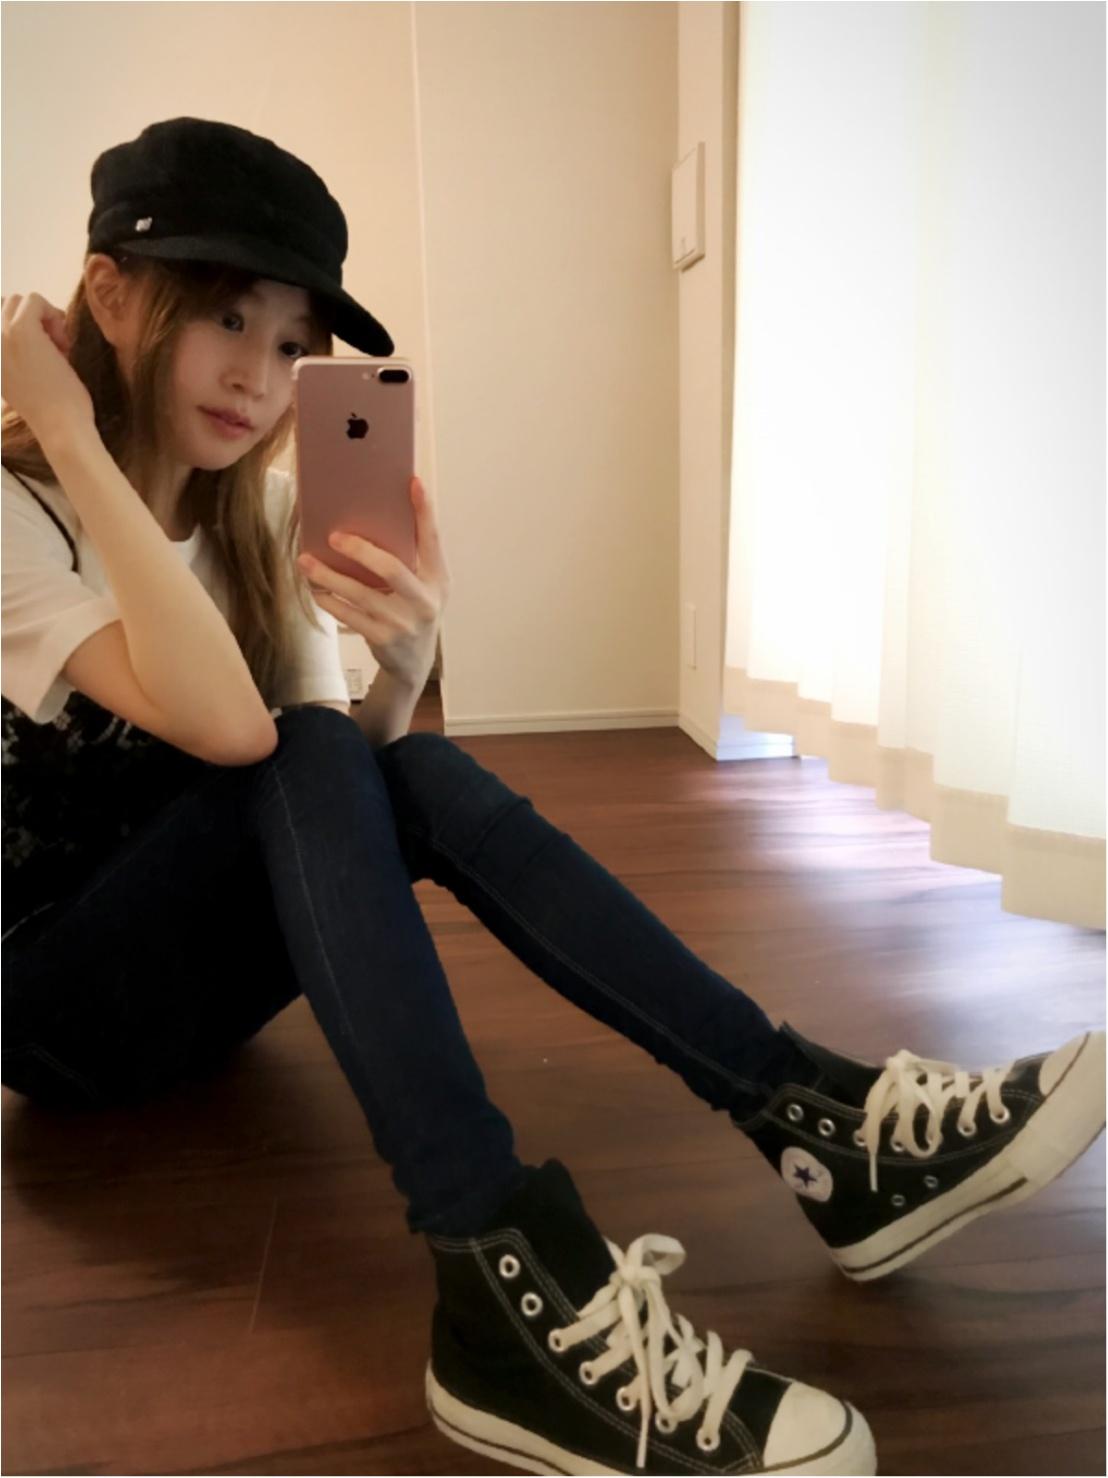 超優秀!黒コンバース♡「タイトデニム×コンバース」のカジュアルコーデ♡_2